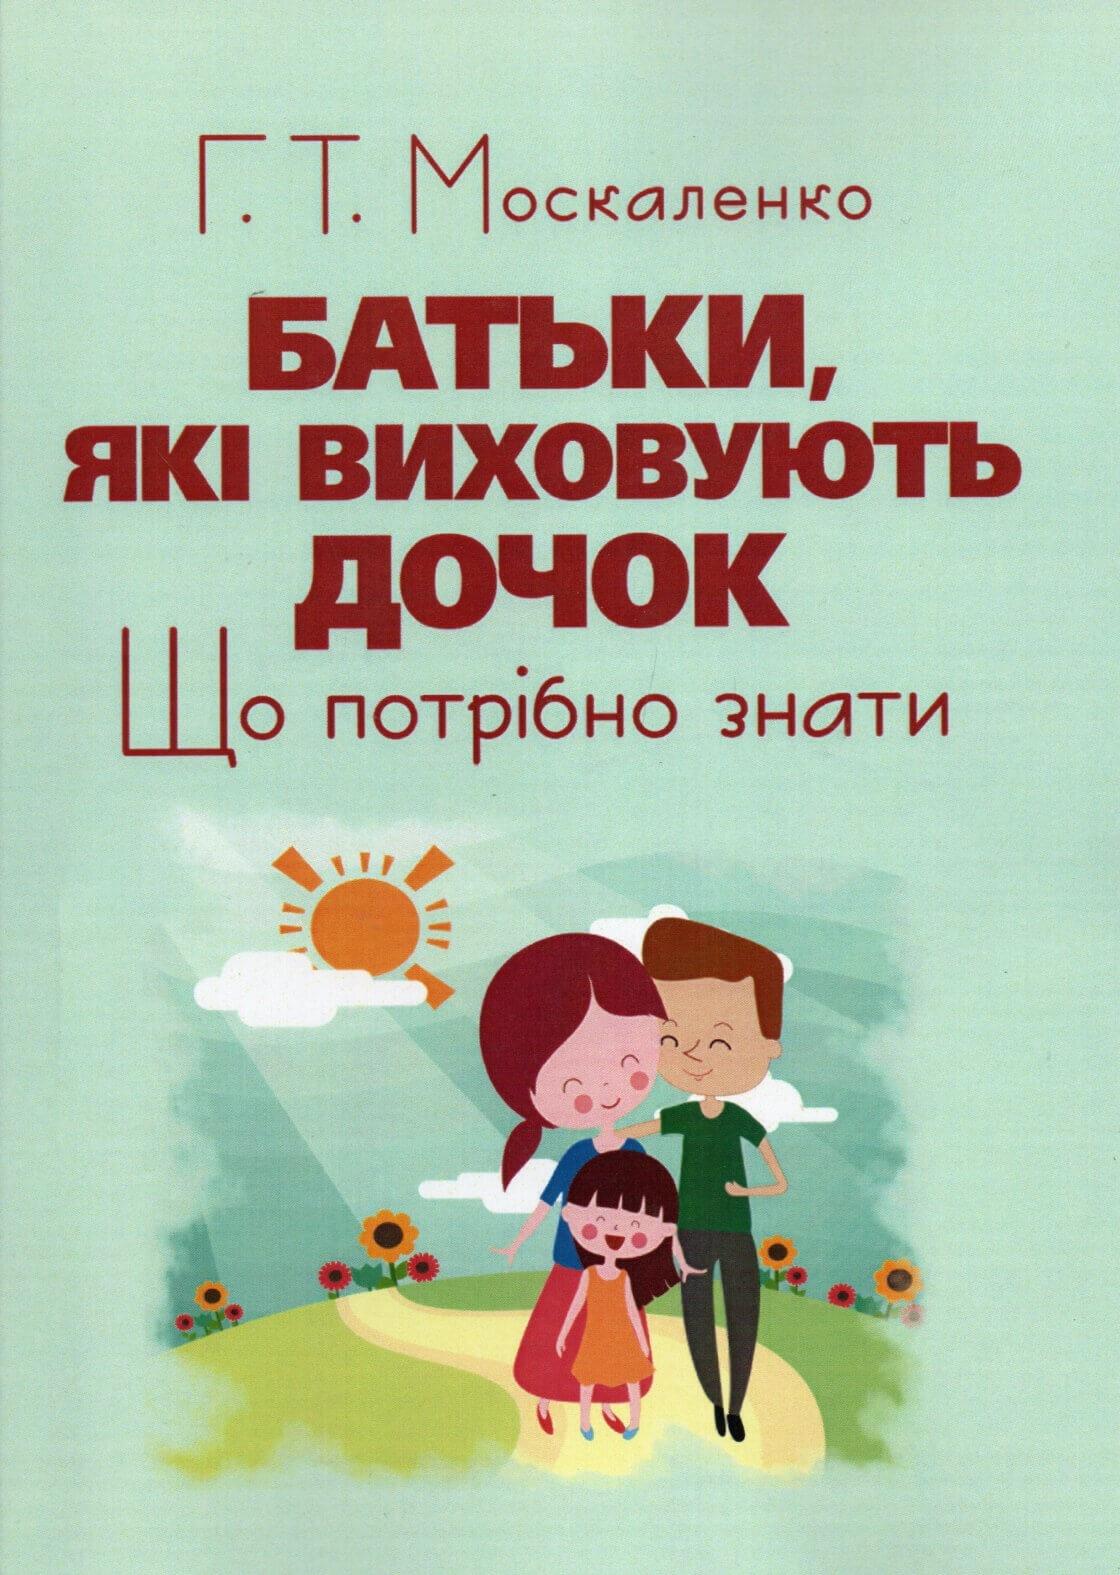 Батьки, які виховують дочок: що потрібно знати